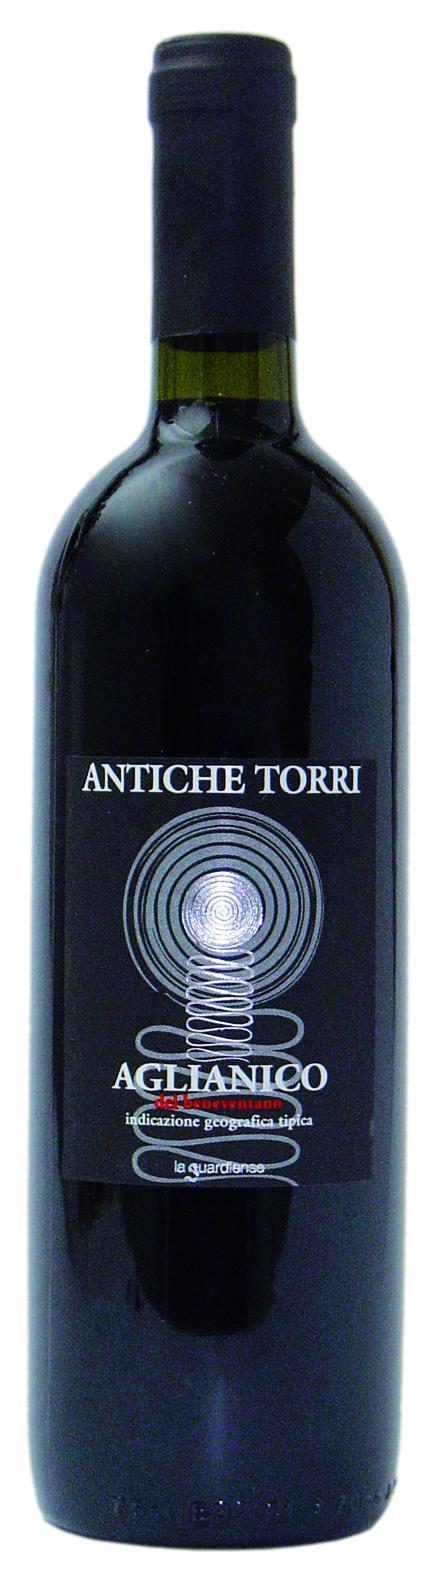 Aglianico Beneventano vino rosso ANTICHE TORRI